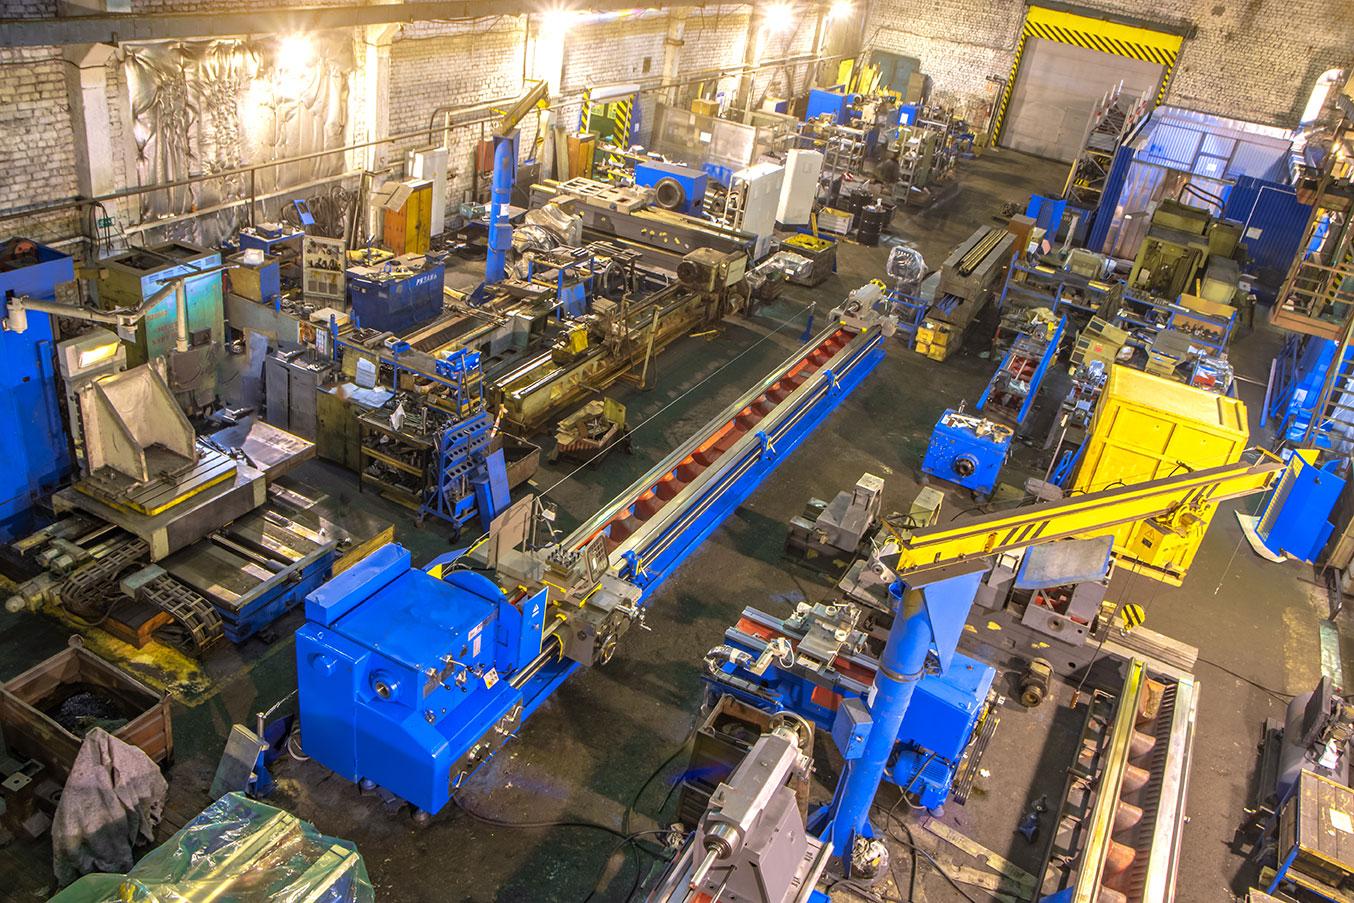 Industrial Fortlauderdale